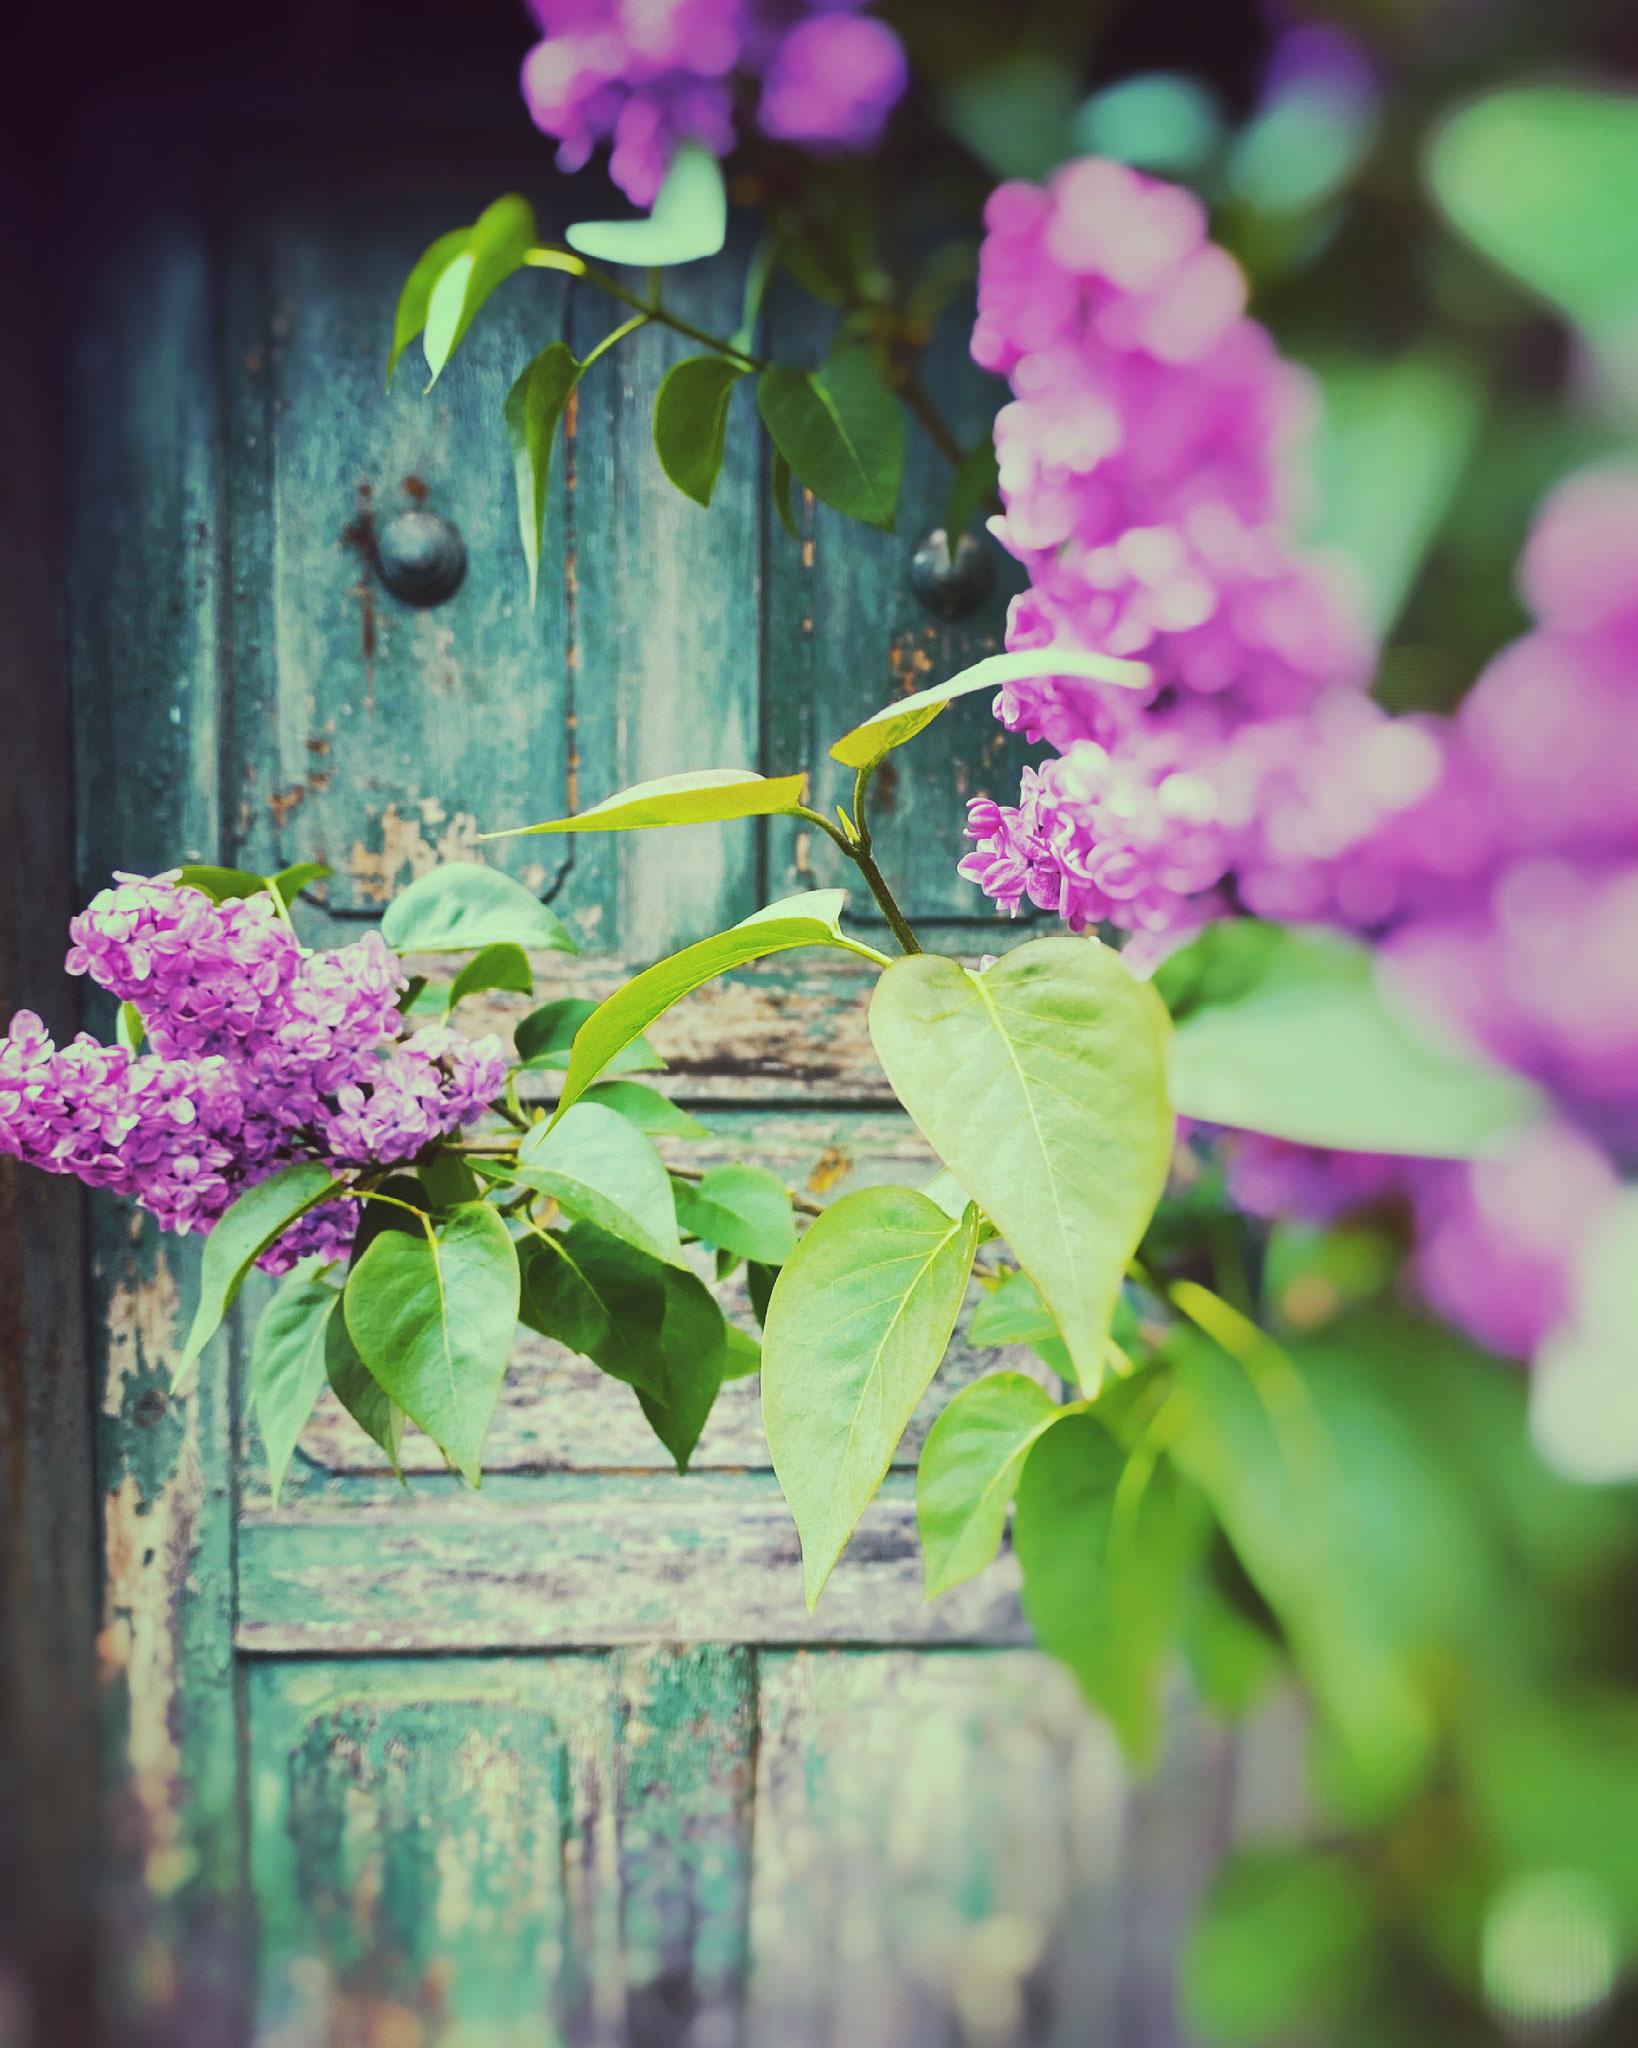 Schöne grüne vintage Tür samt Flieder :-)